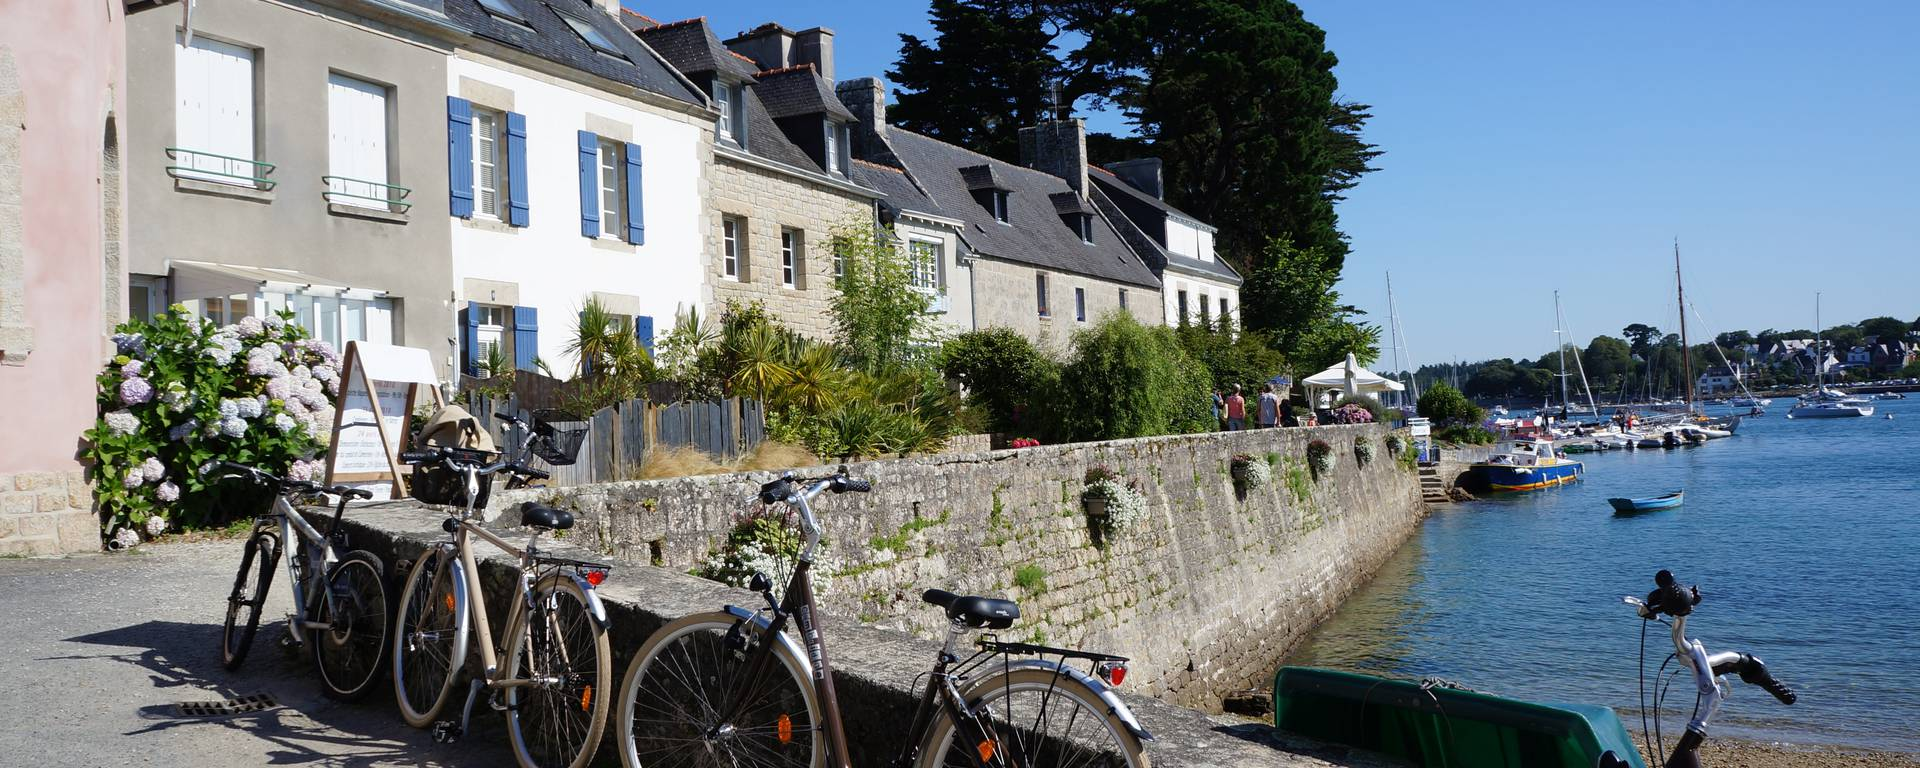 Fahrräder: Pause in Sainte-Marine im Pays Bigouden©E-Cléret